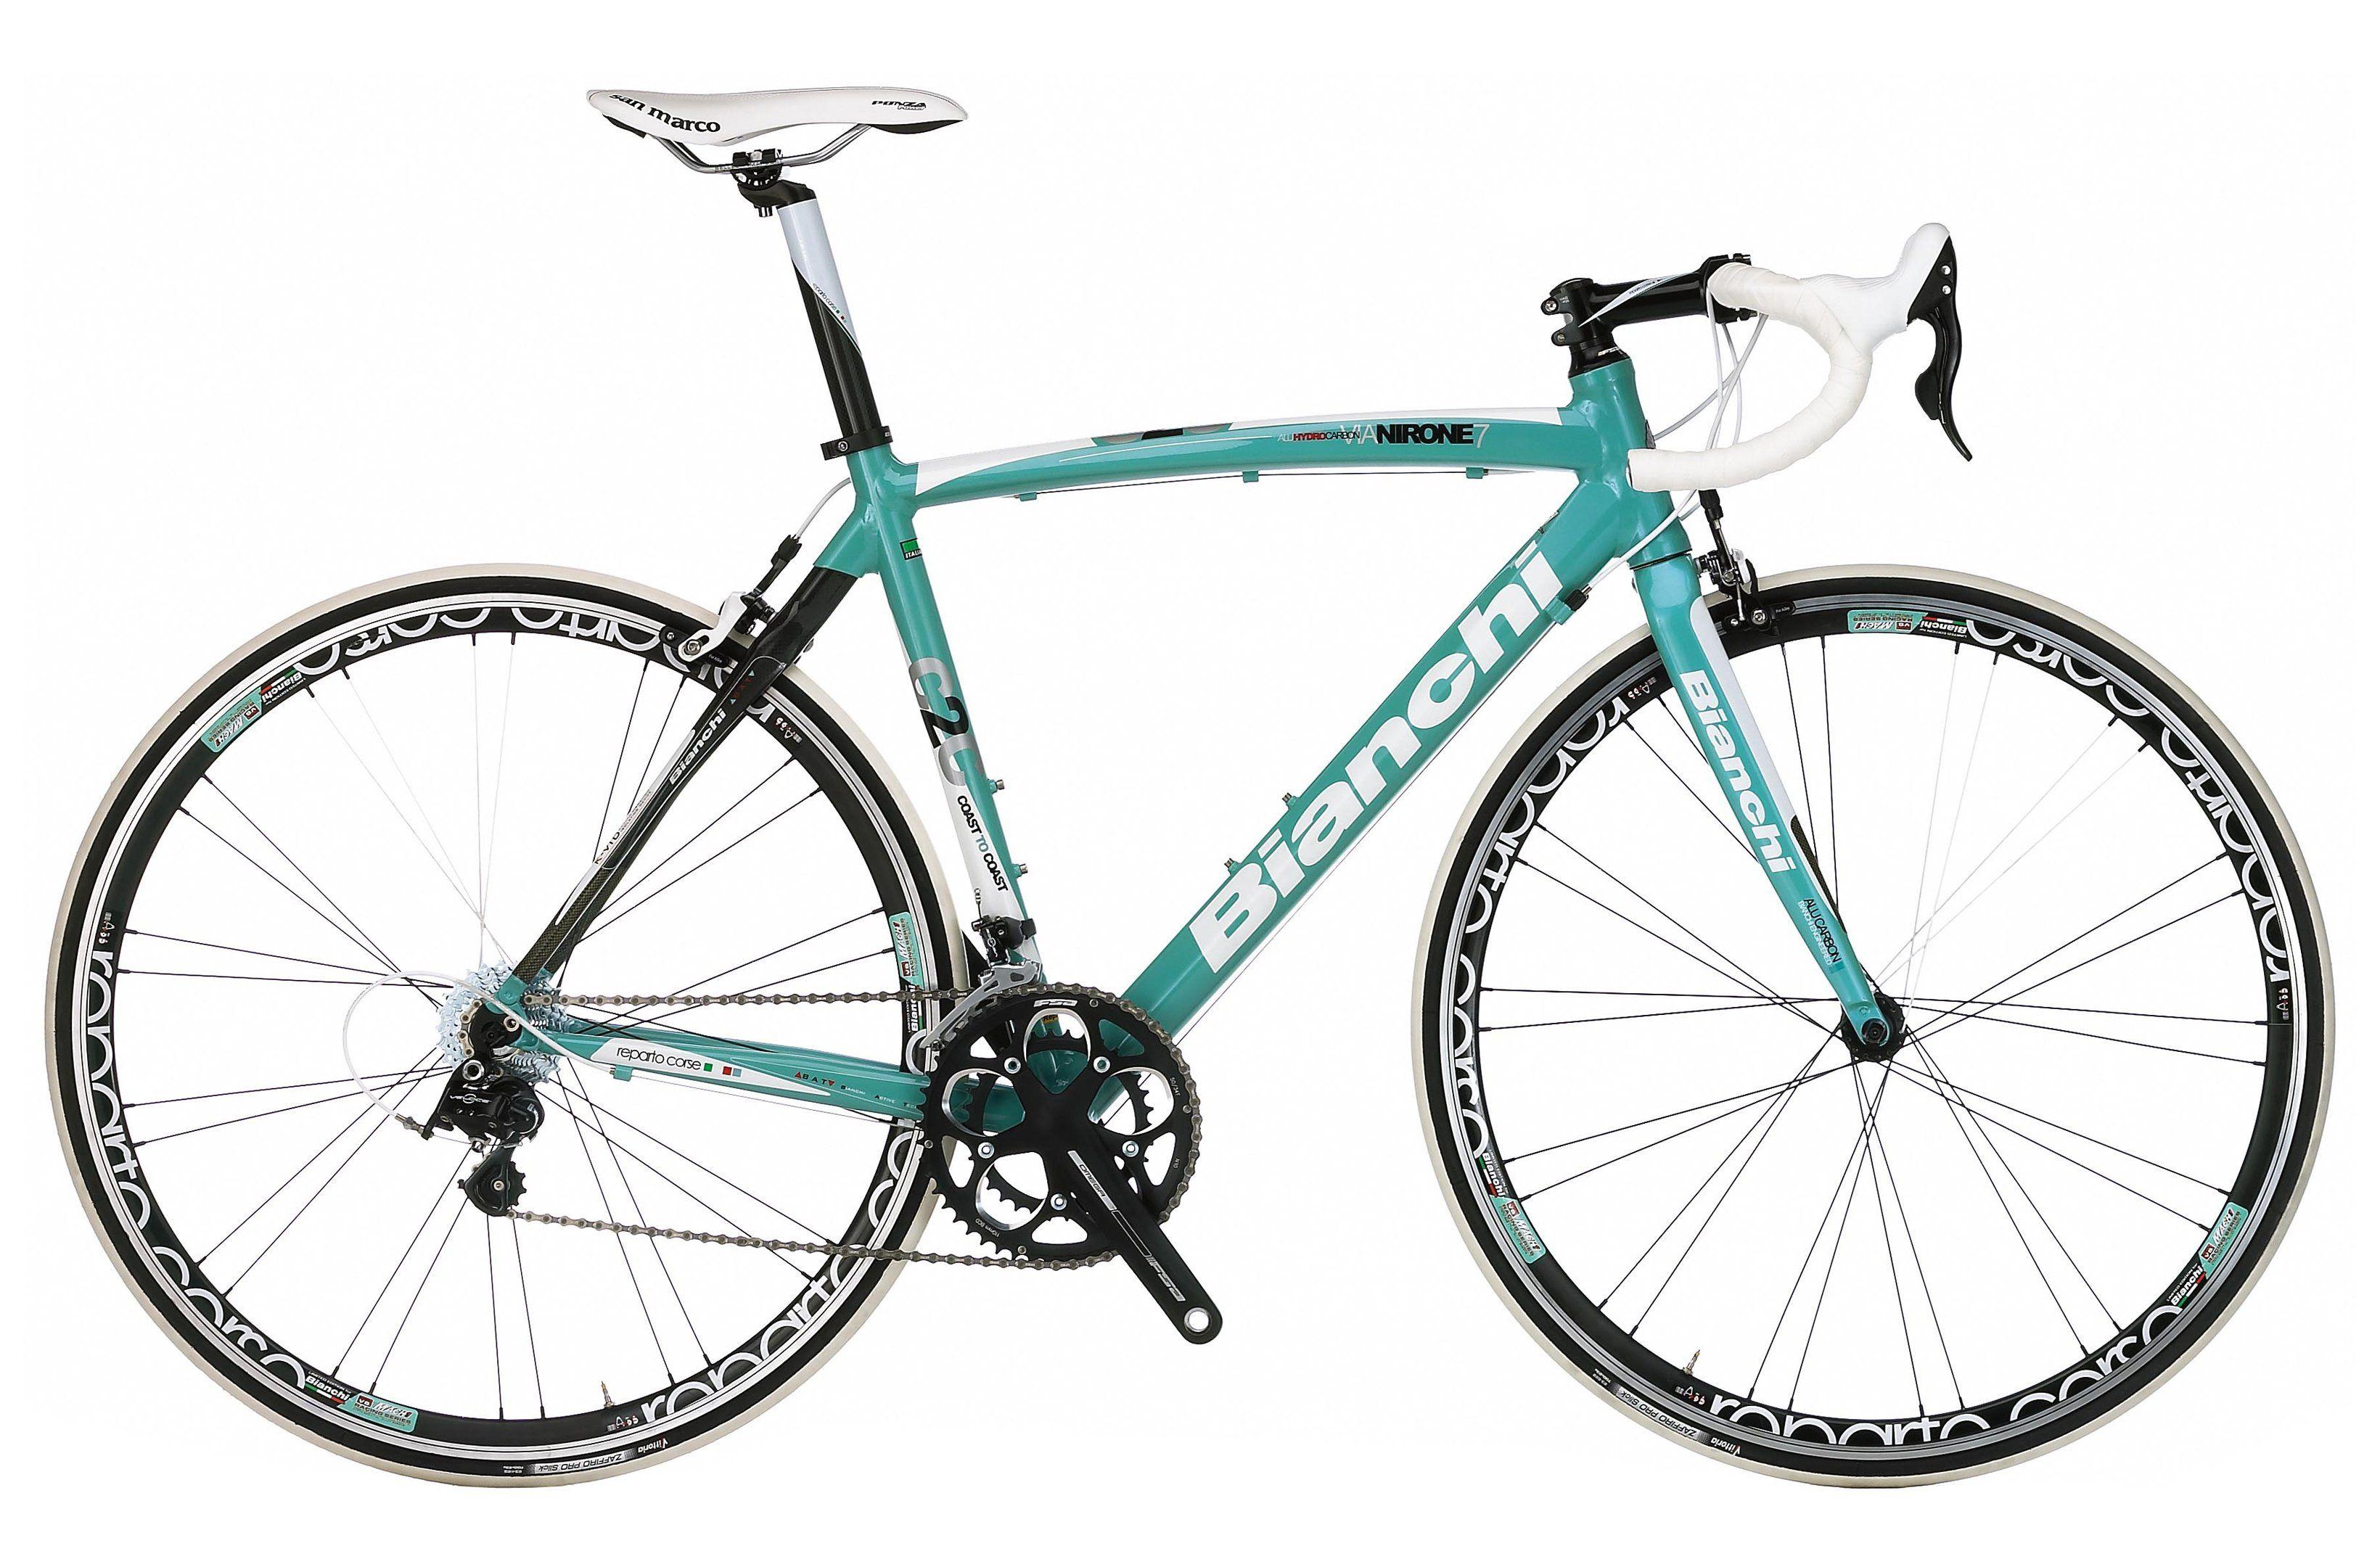 Bianchi Bicycle Bike Hd Wallpaper 2341062 Road Bike Cycling